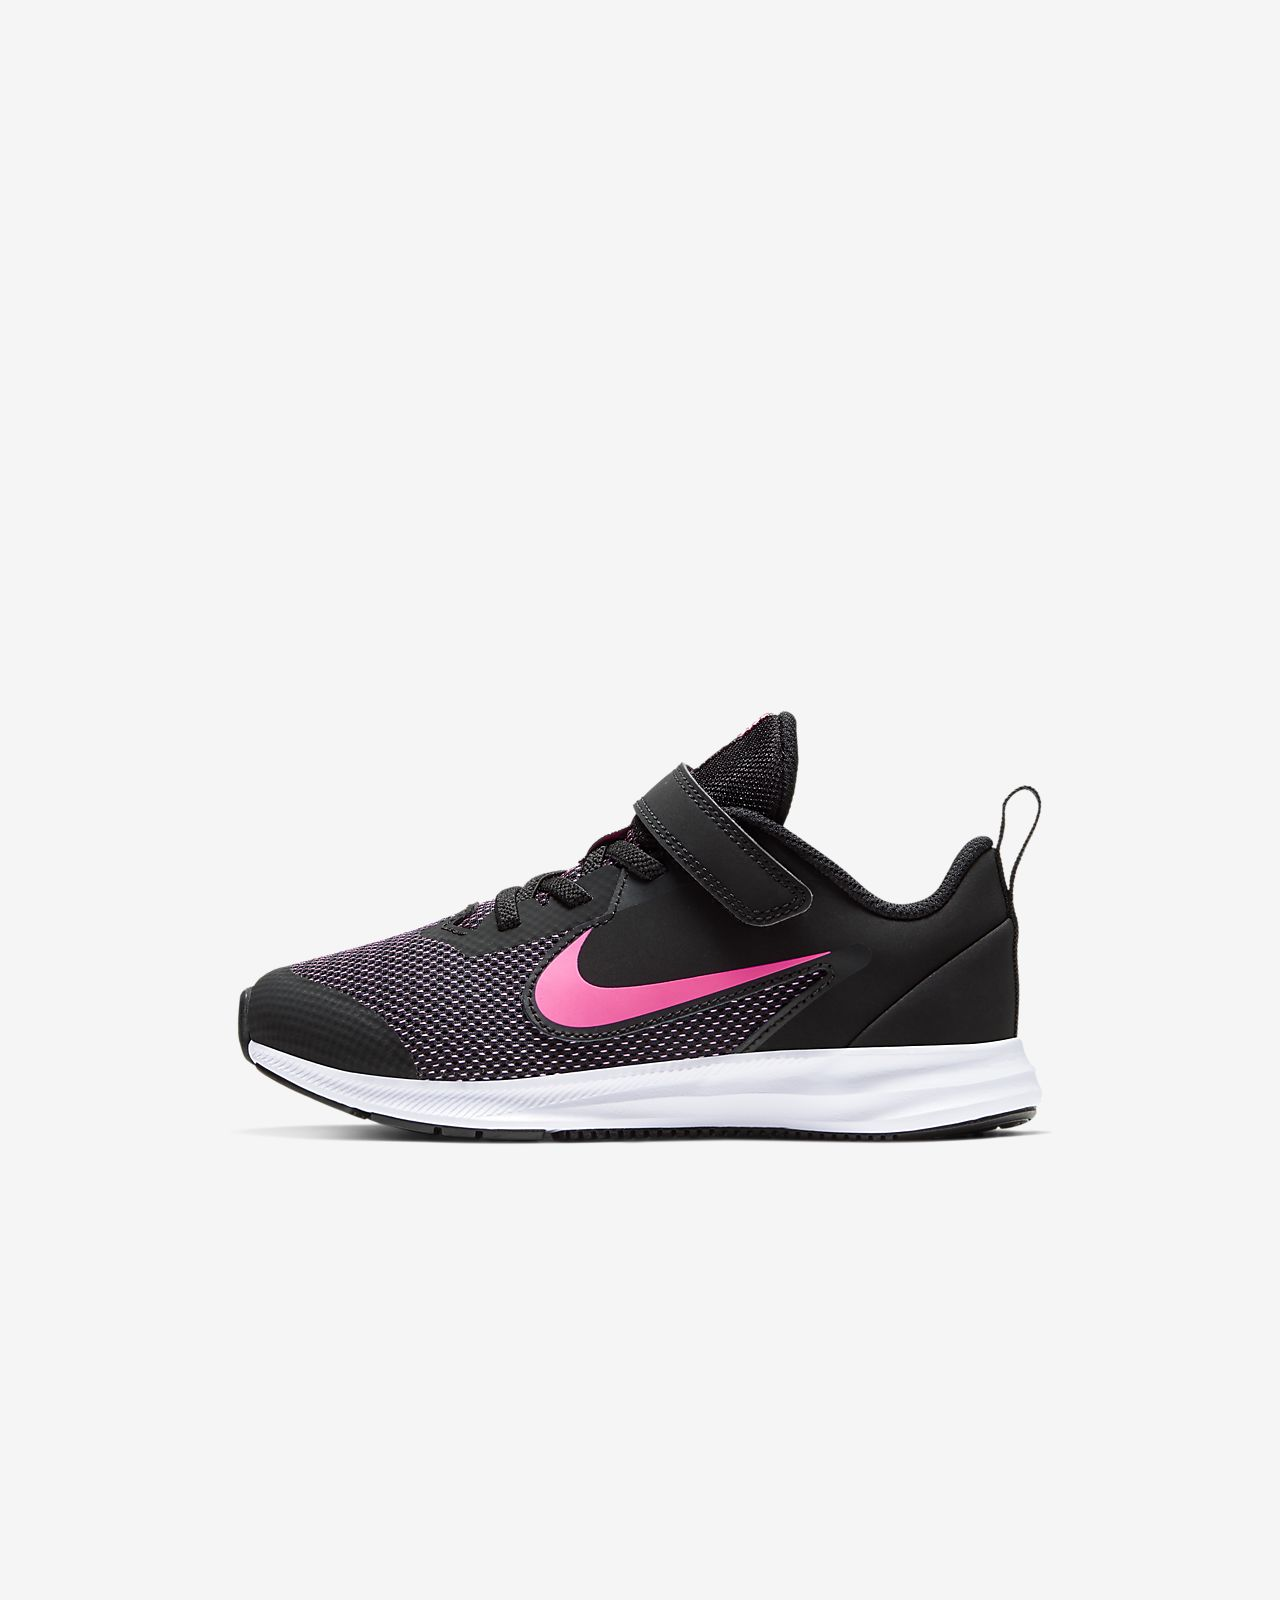 Nike Downshifter 9 Younger Kids' Shoe